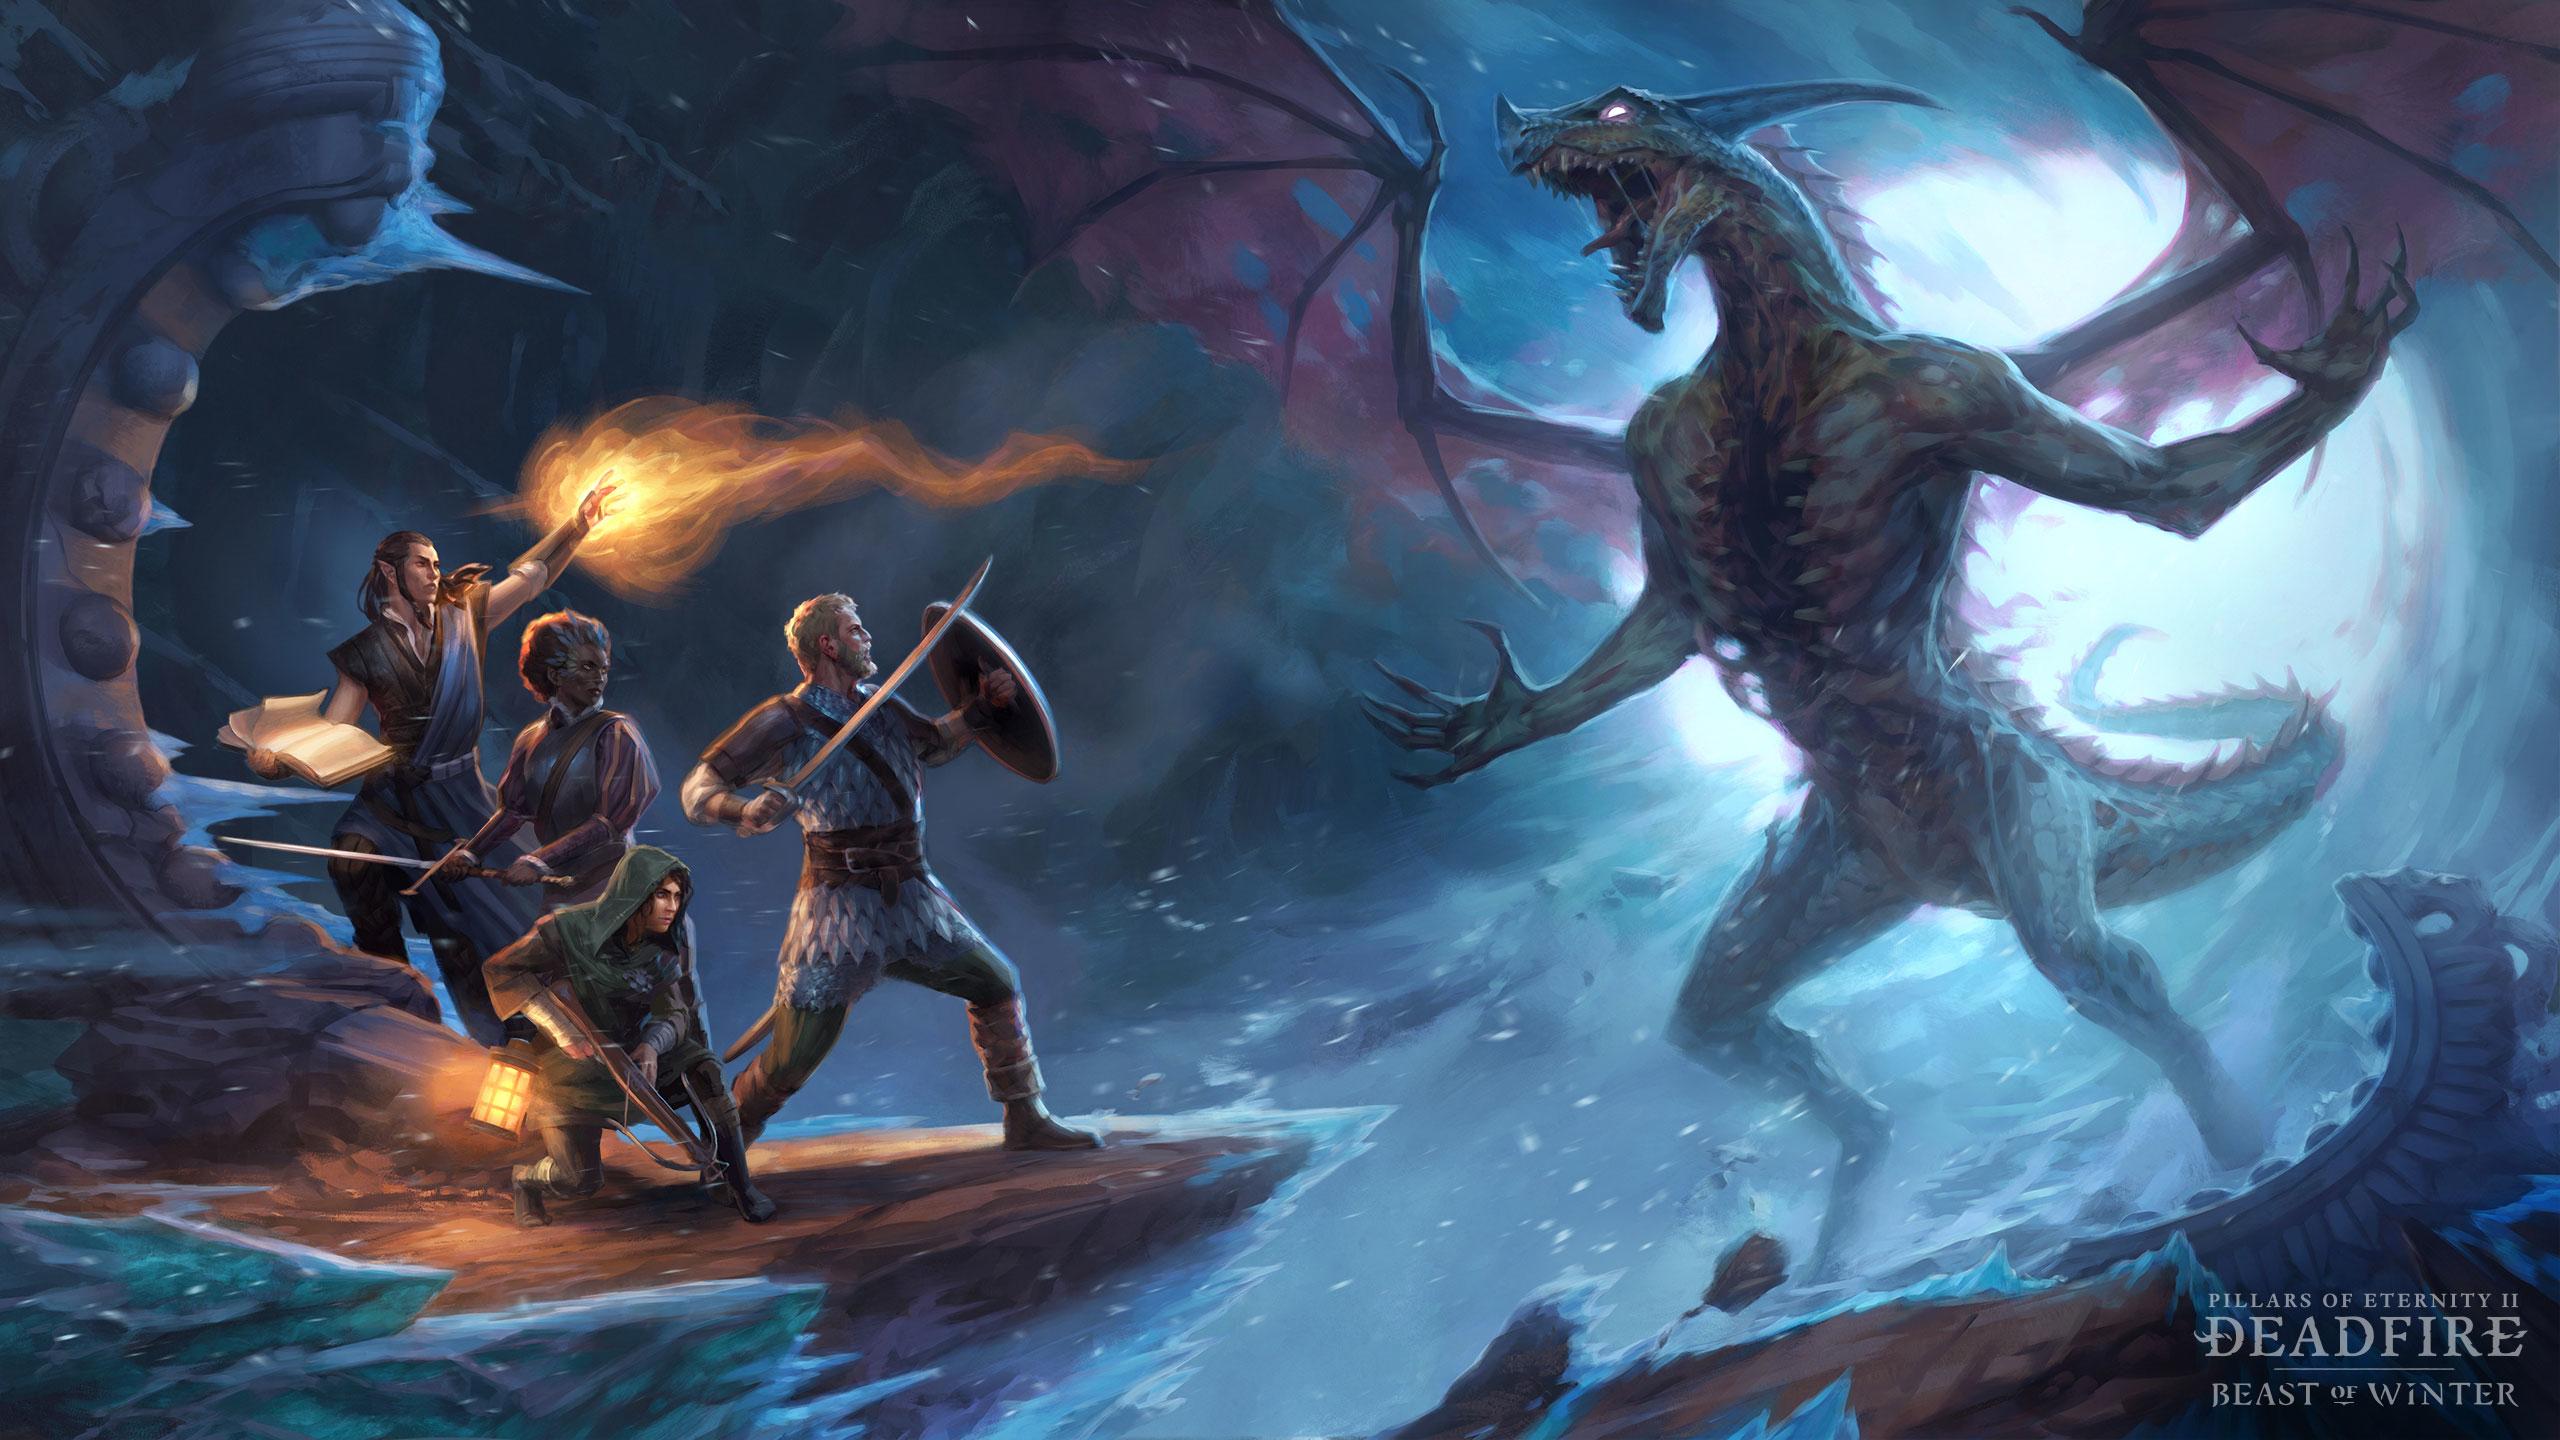 Deadfire Pillars Of Eternity Wallpaper Hd Games 4k Wallpapers